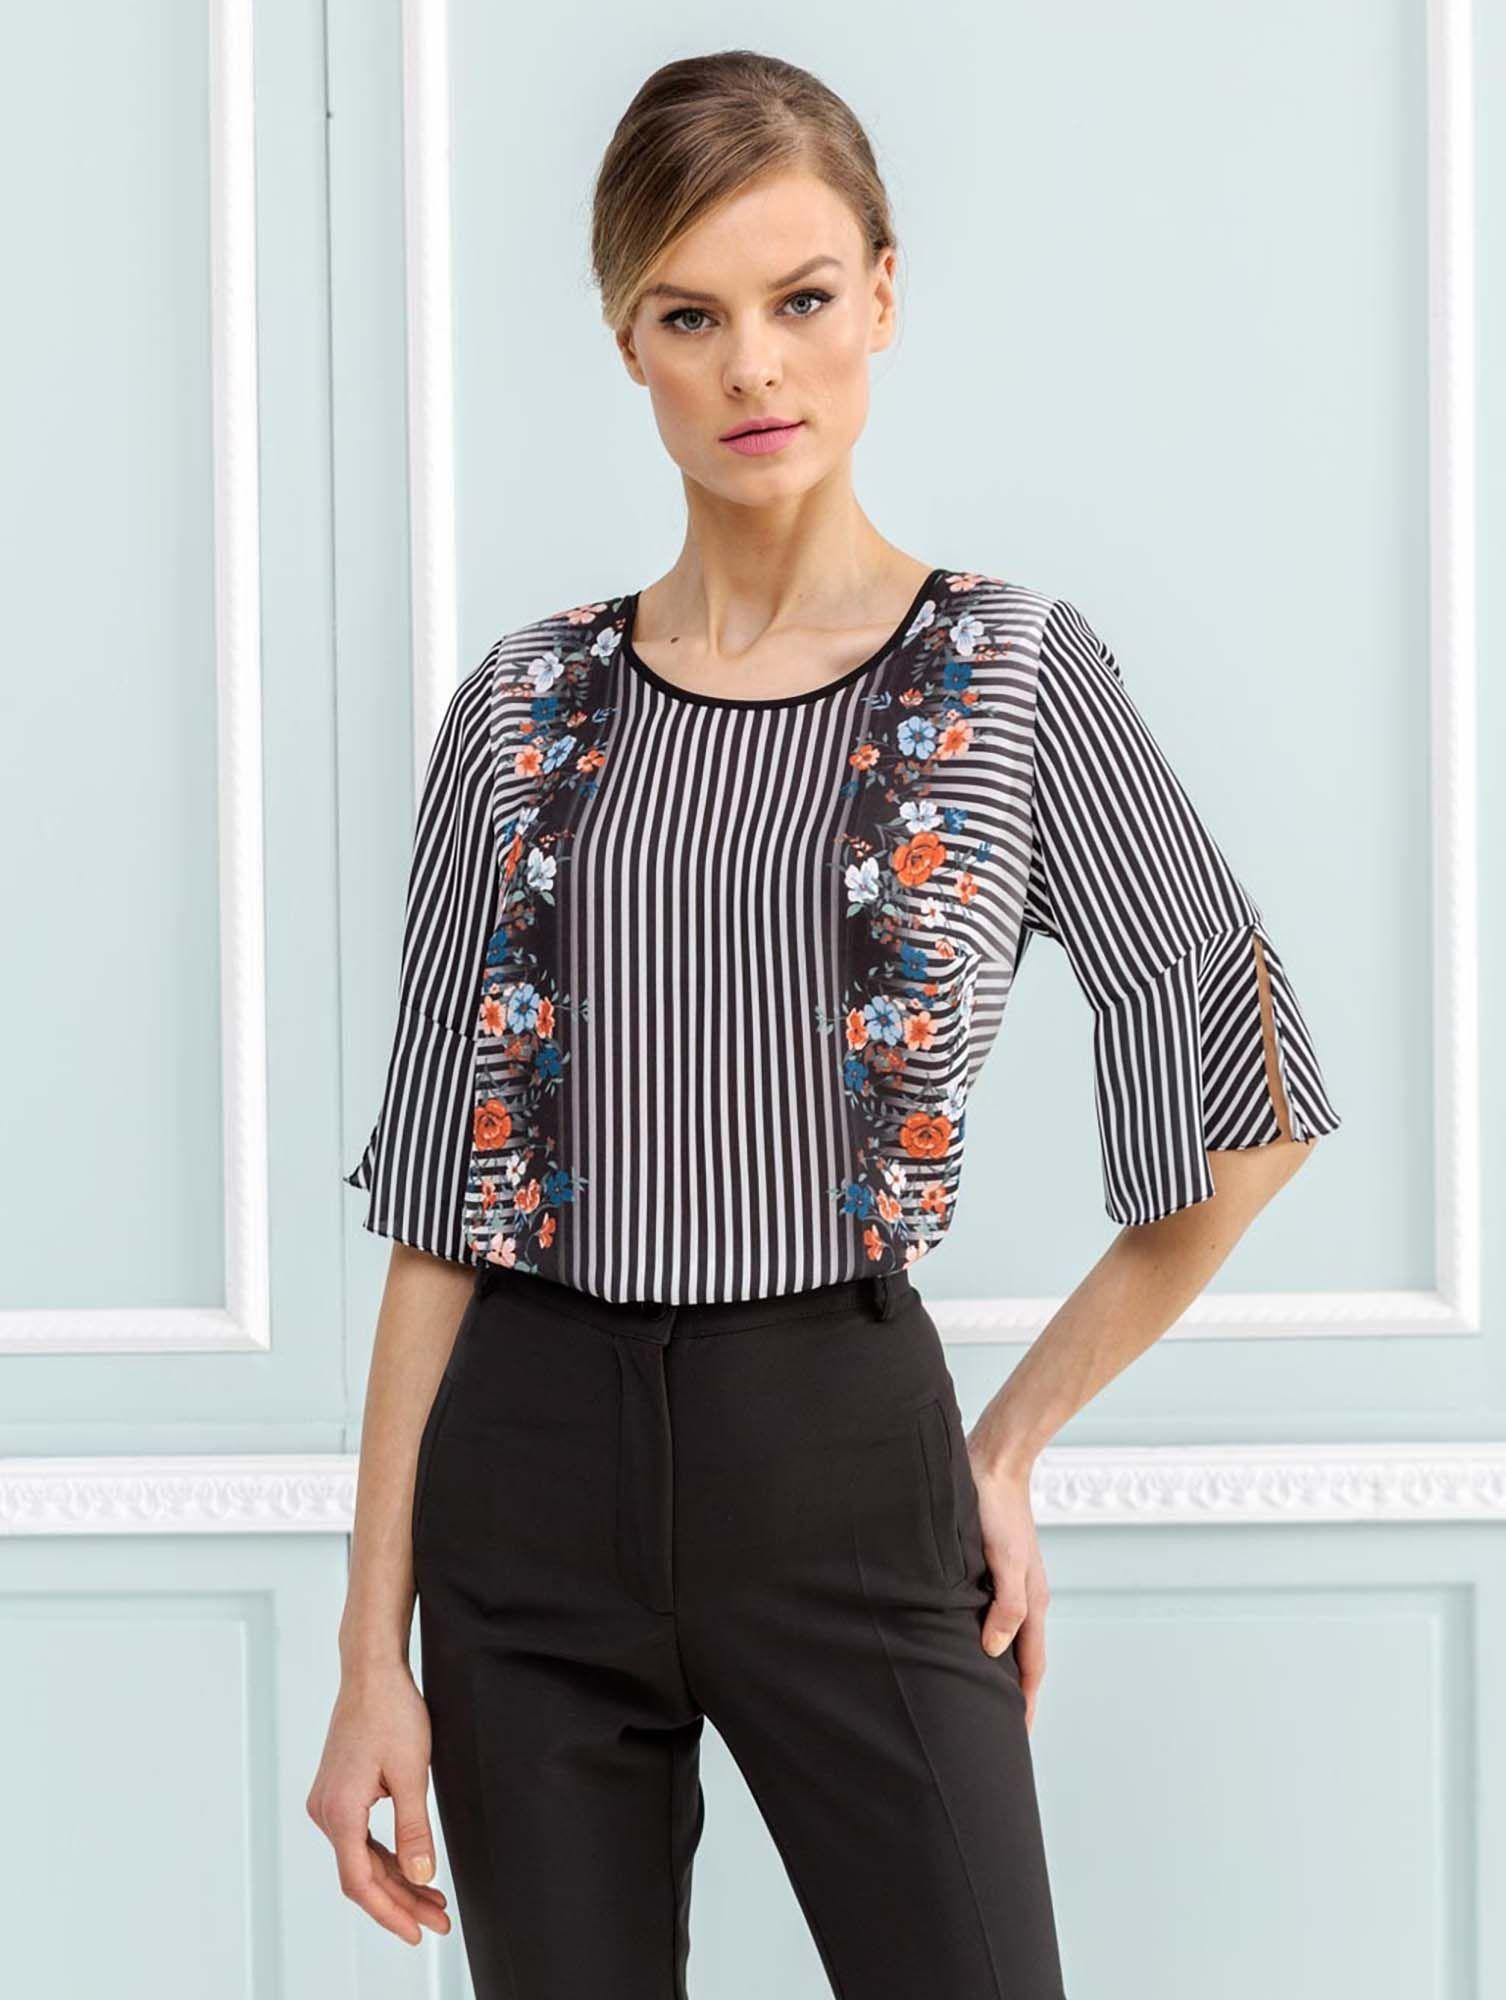 21d258a0d91 Μπλούζα υφασματινη, 2019 | tops-blouses | Μπλούζα, Βολάν και Ράφια